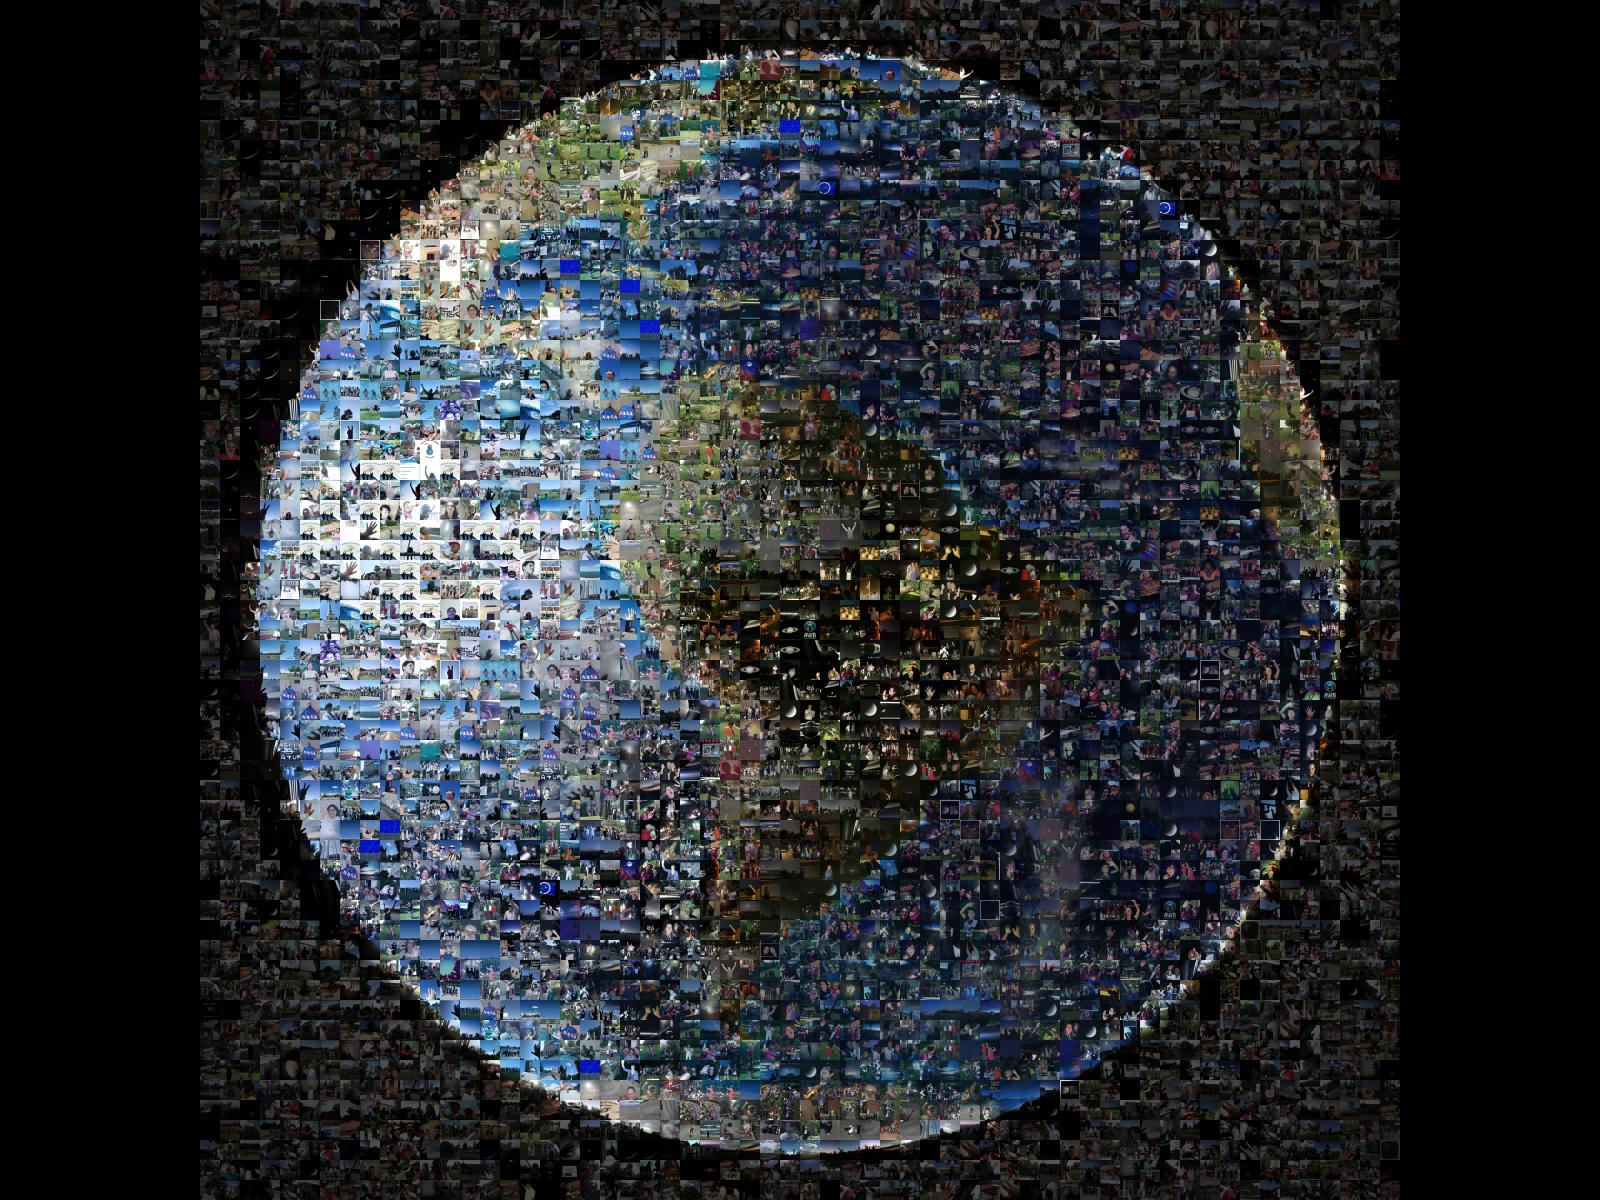 Image via  NASA/JPL-Caltech